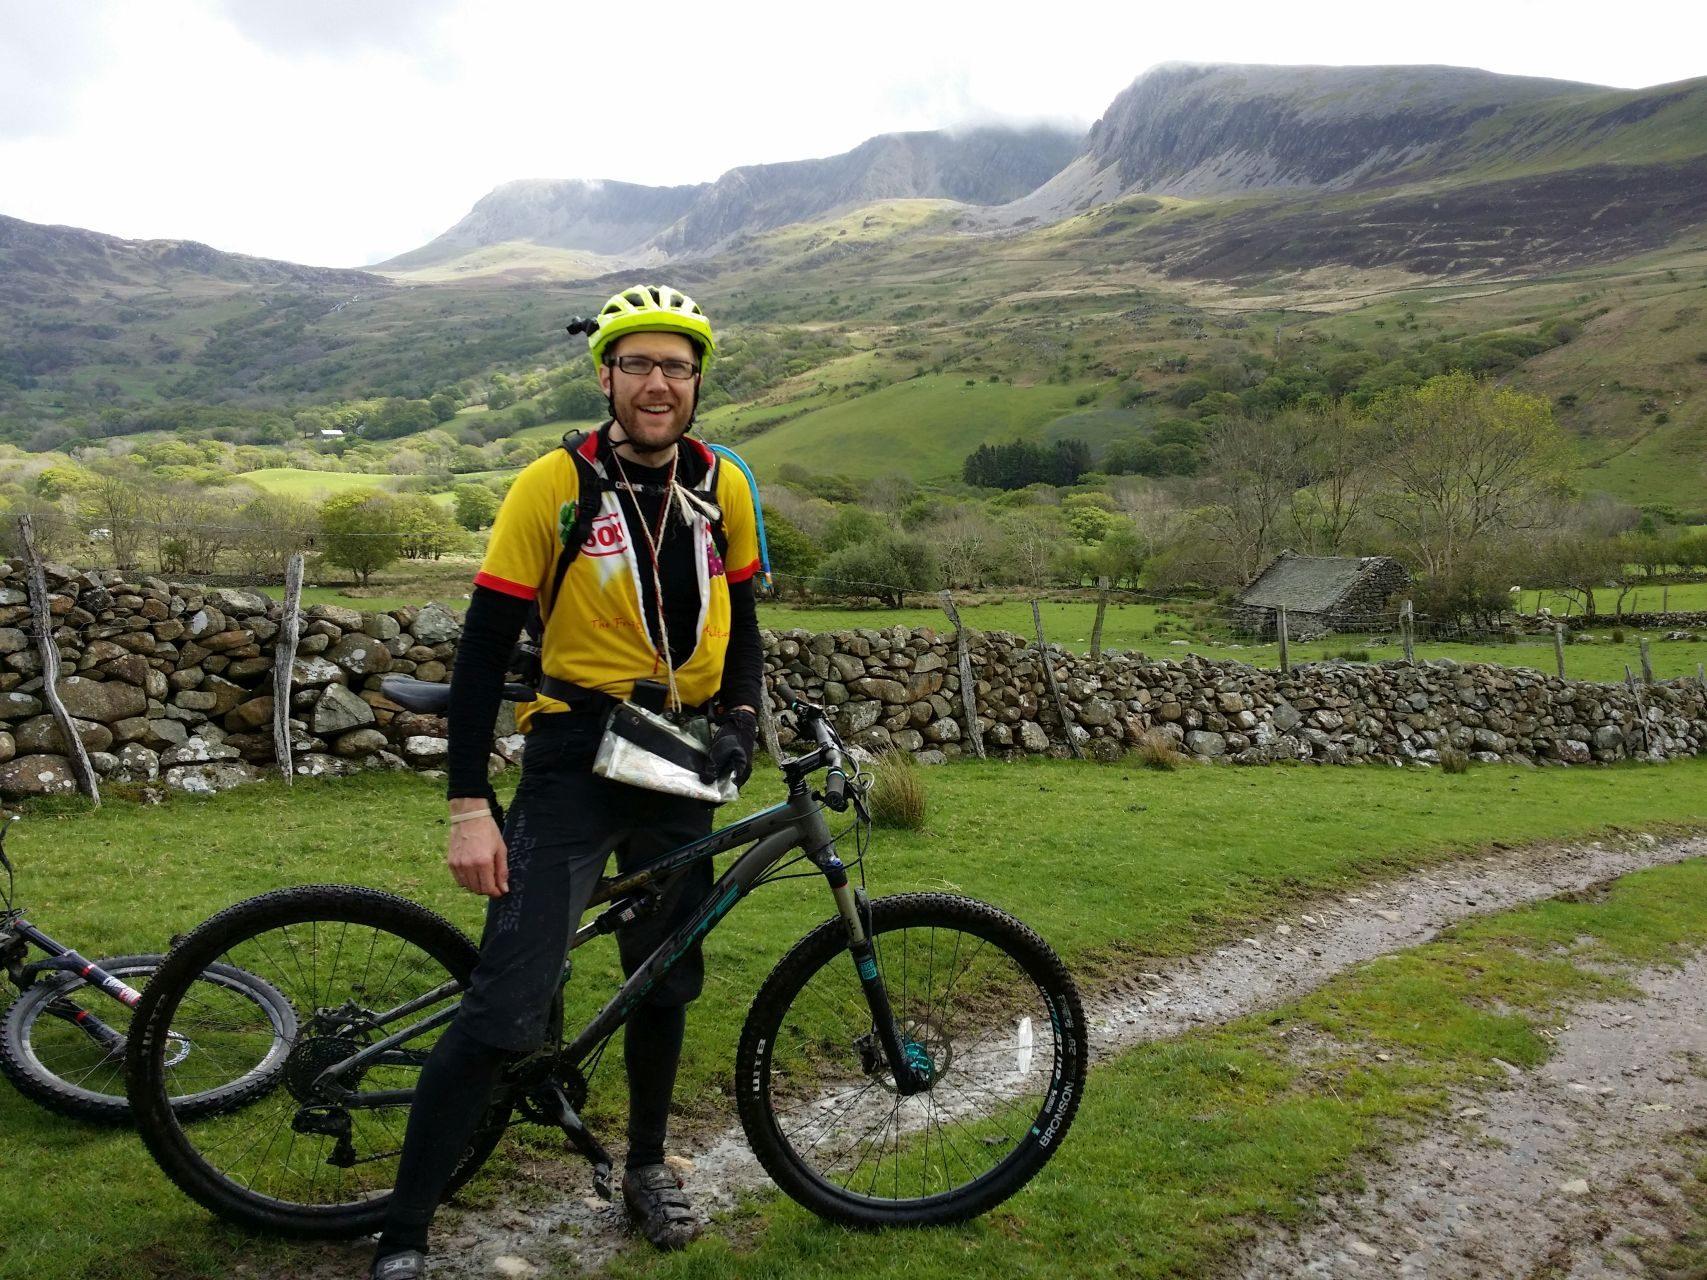 Day 3 - Jon below Cadair Idris massif